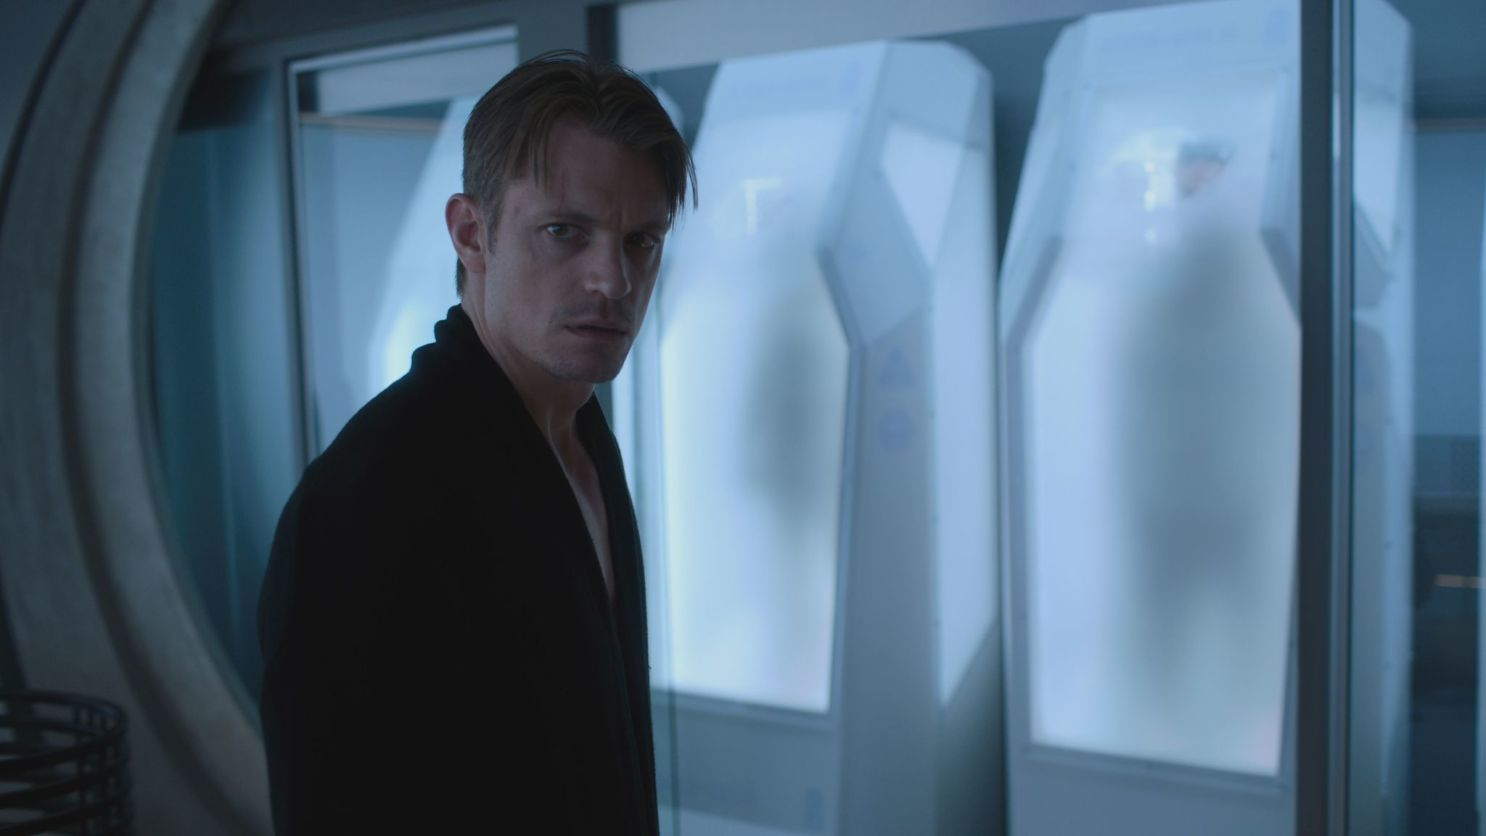 Юель Кіннаман зіграв головного героя Такеші Ковача в першому сезоні серіалу / скріншот